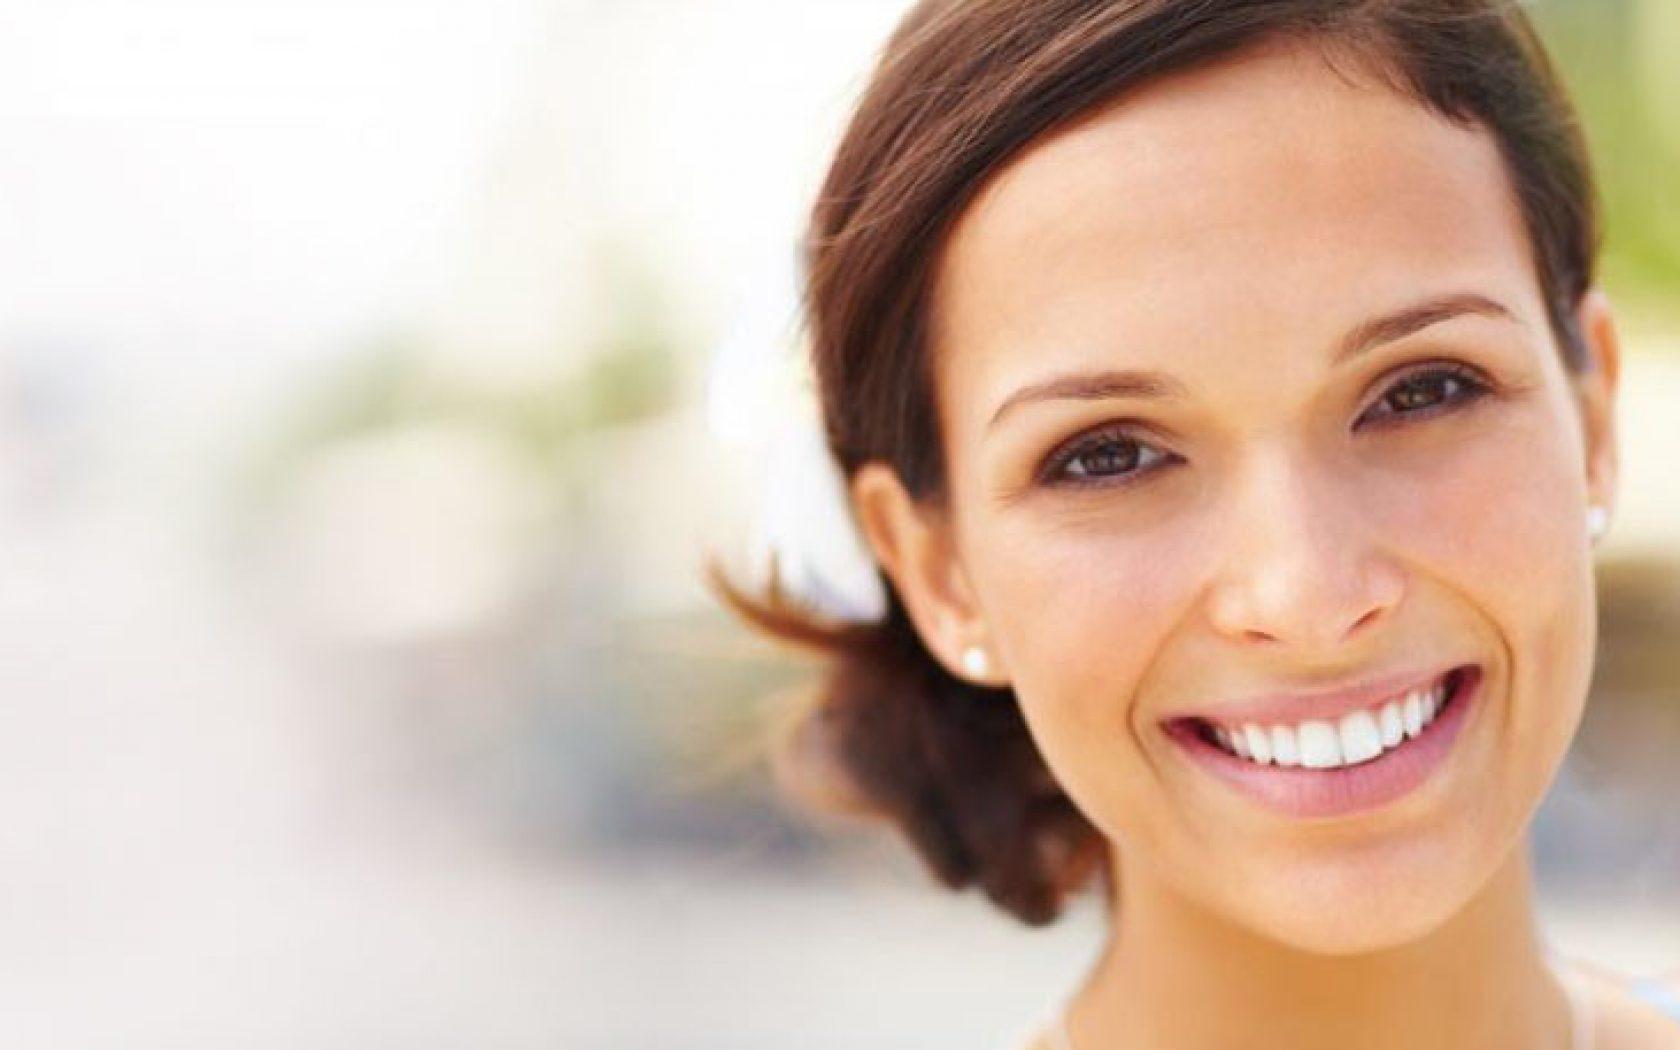 Διορθώστε την εμφάνιση των στραβών σας δοντιών χωρίς σιδεράκια σε 1 ραντεβού!